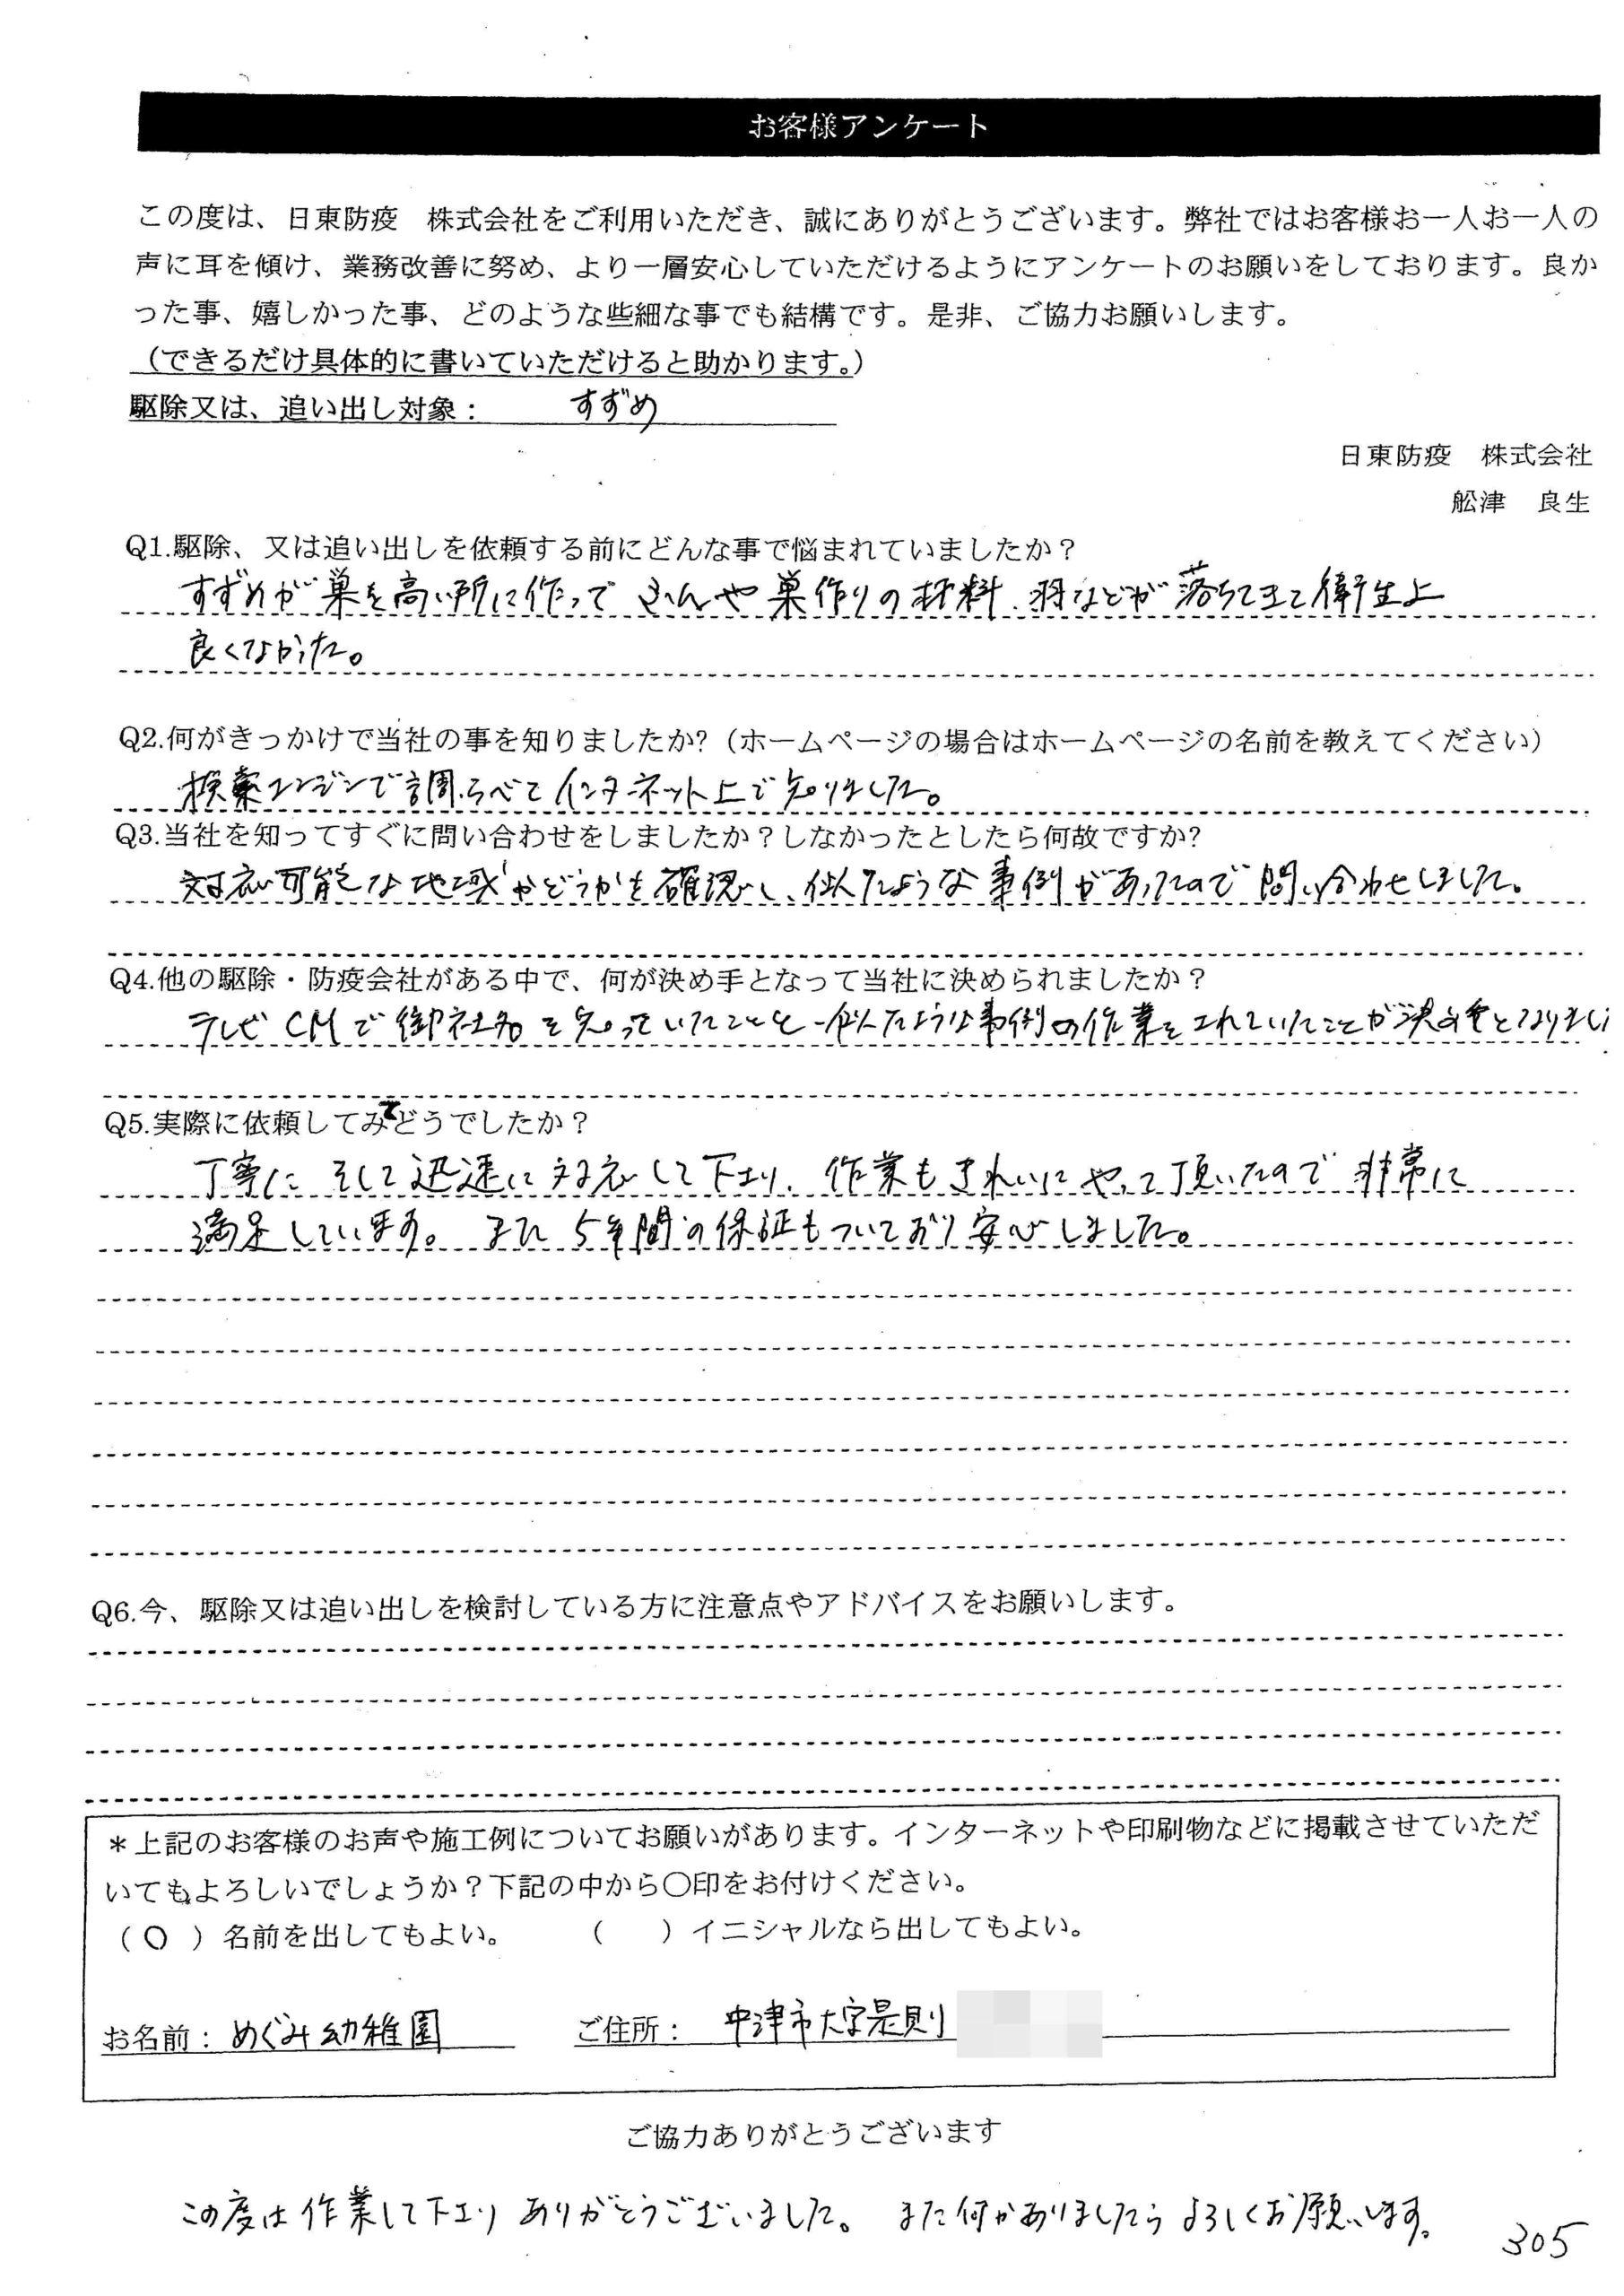 めぐみ幼稚園様アンケート